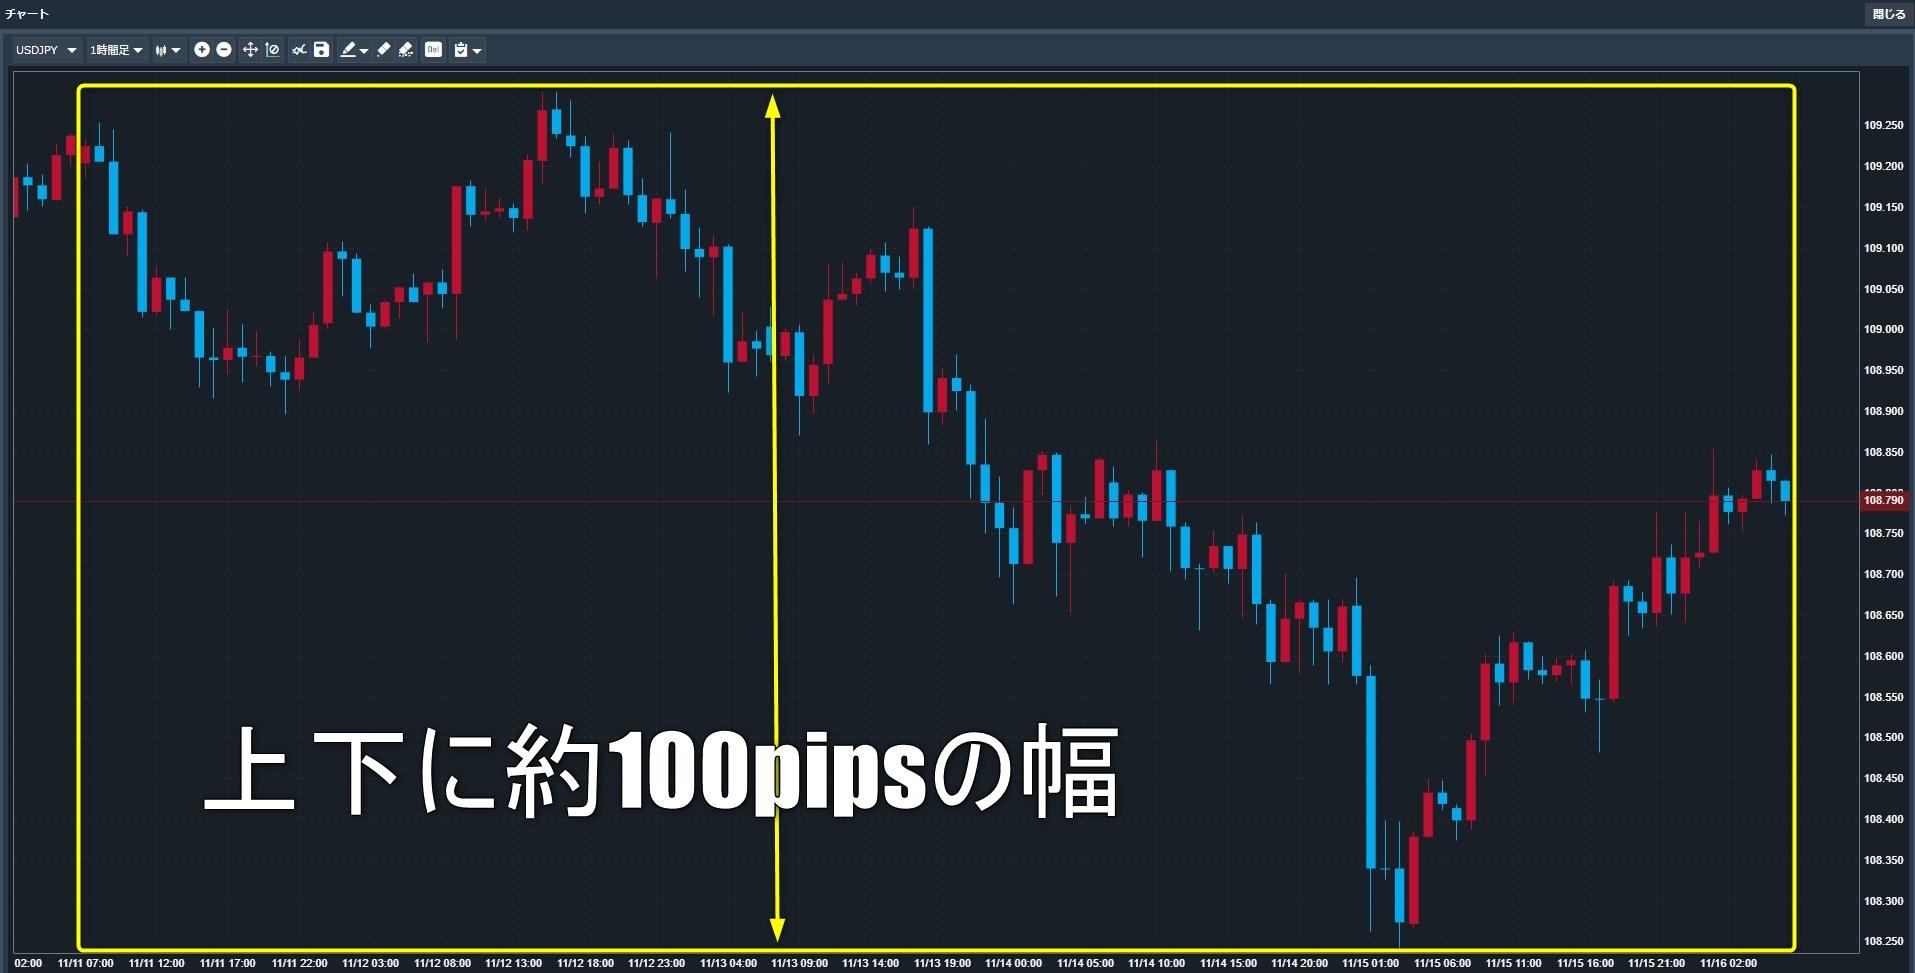 先週のドル円は上下に約100pips